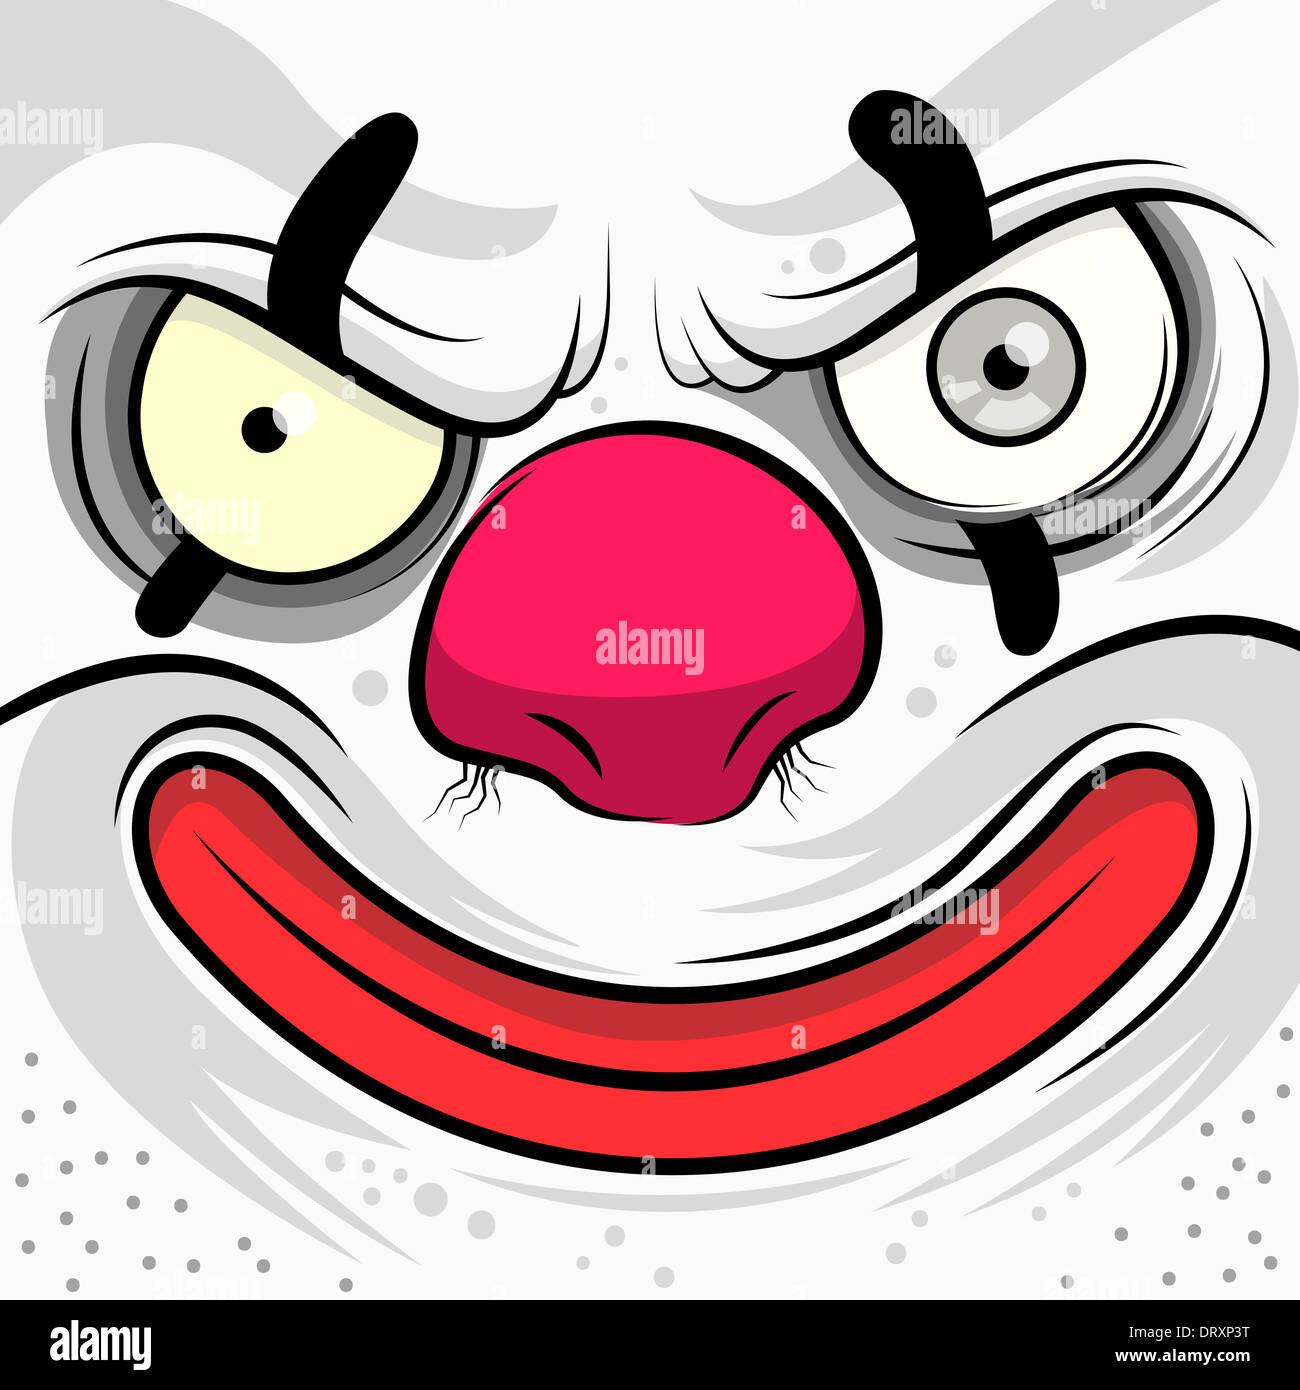 Piazza su cui si affaccia il male Clown - illustrazione vettoriale Immagini Stock